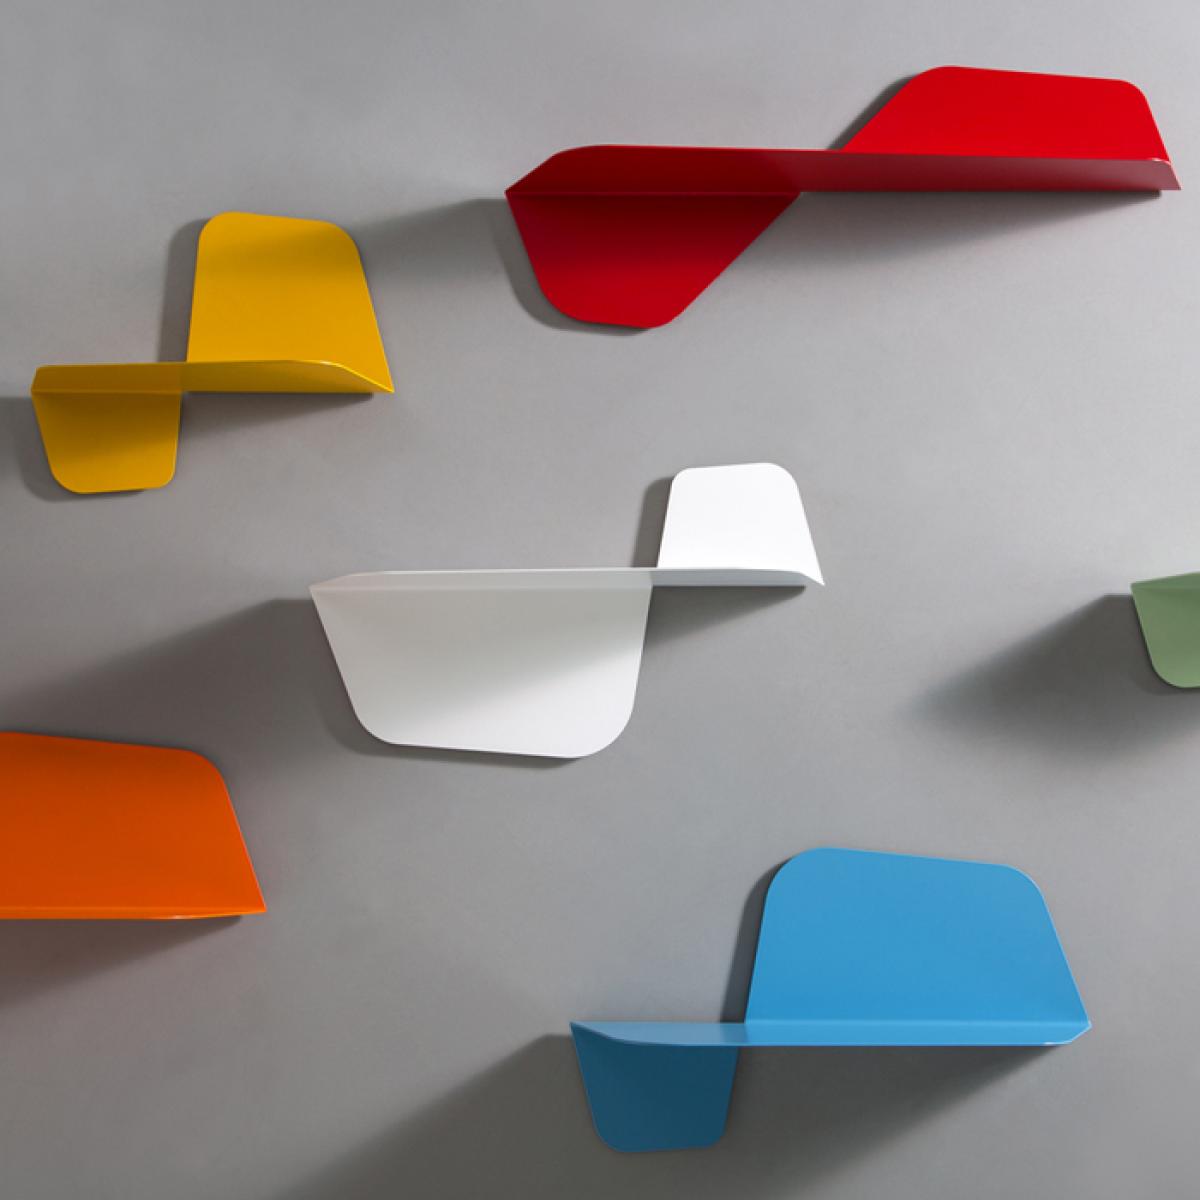 Mensole Da Muro Design.Mensole Da Muro Mensole Design Flap 60 Livingdeco